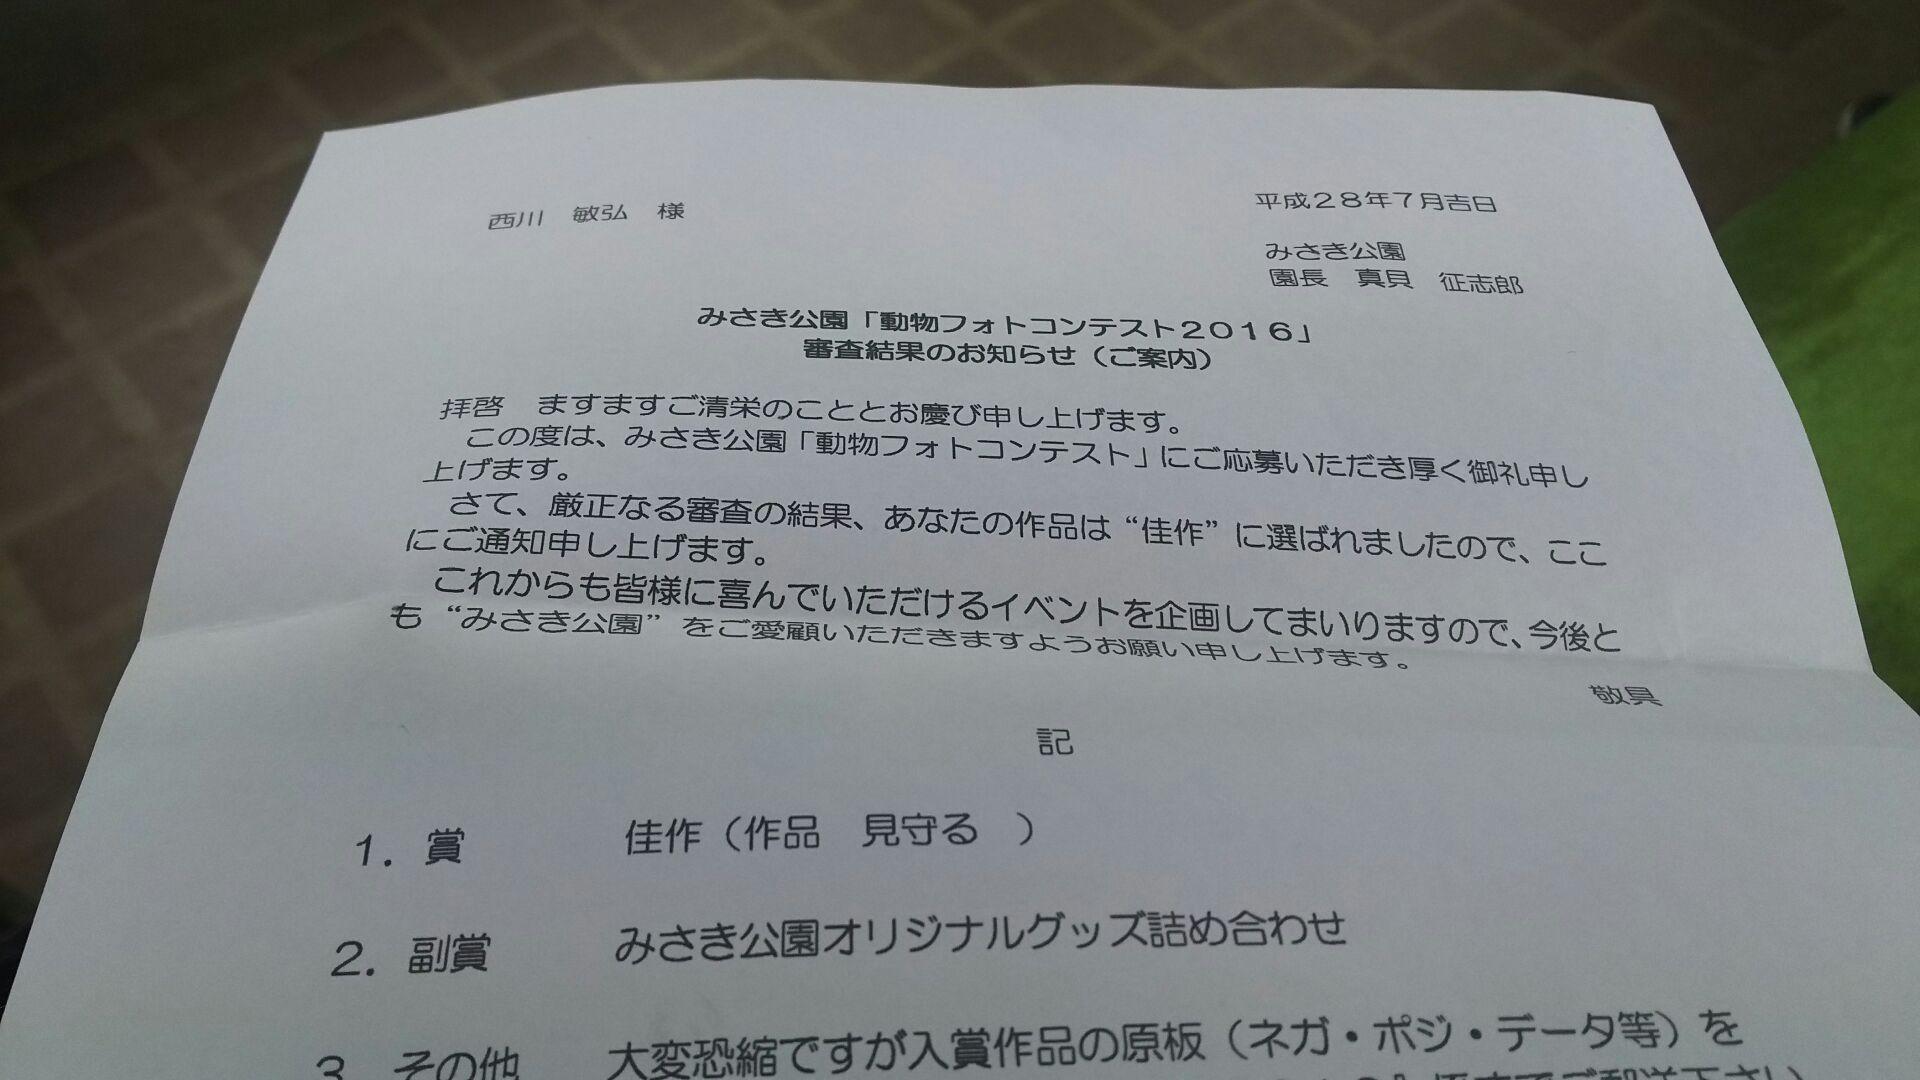 みさき公園 動物写真コンテスト入賞(佳作)通知_a0288226_114593.jpg